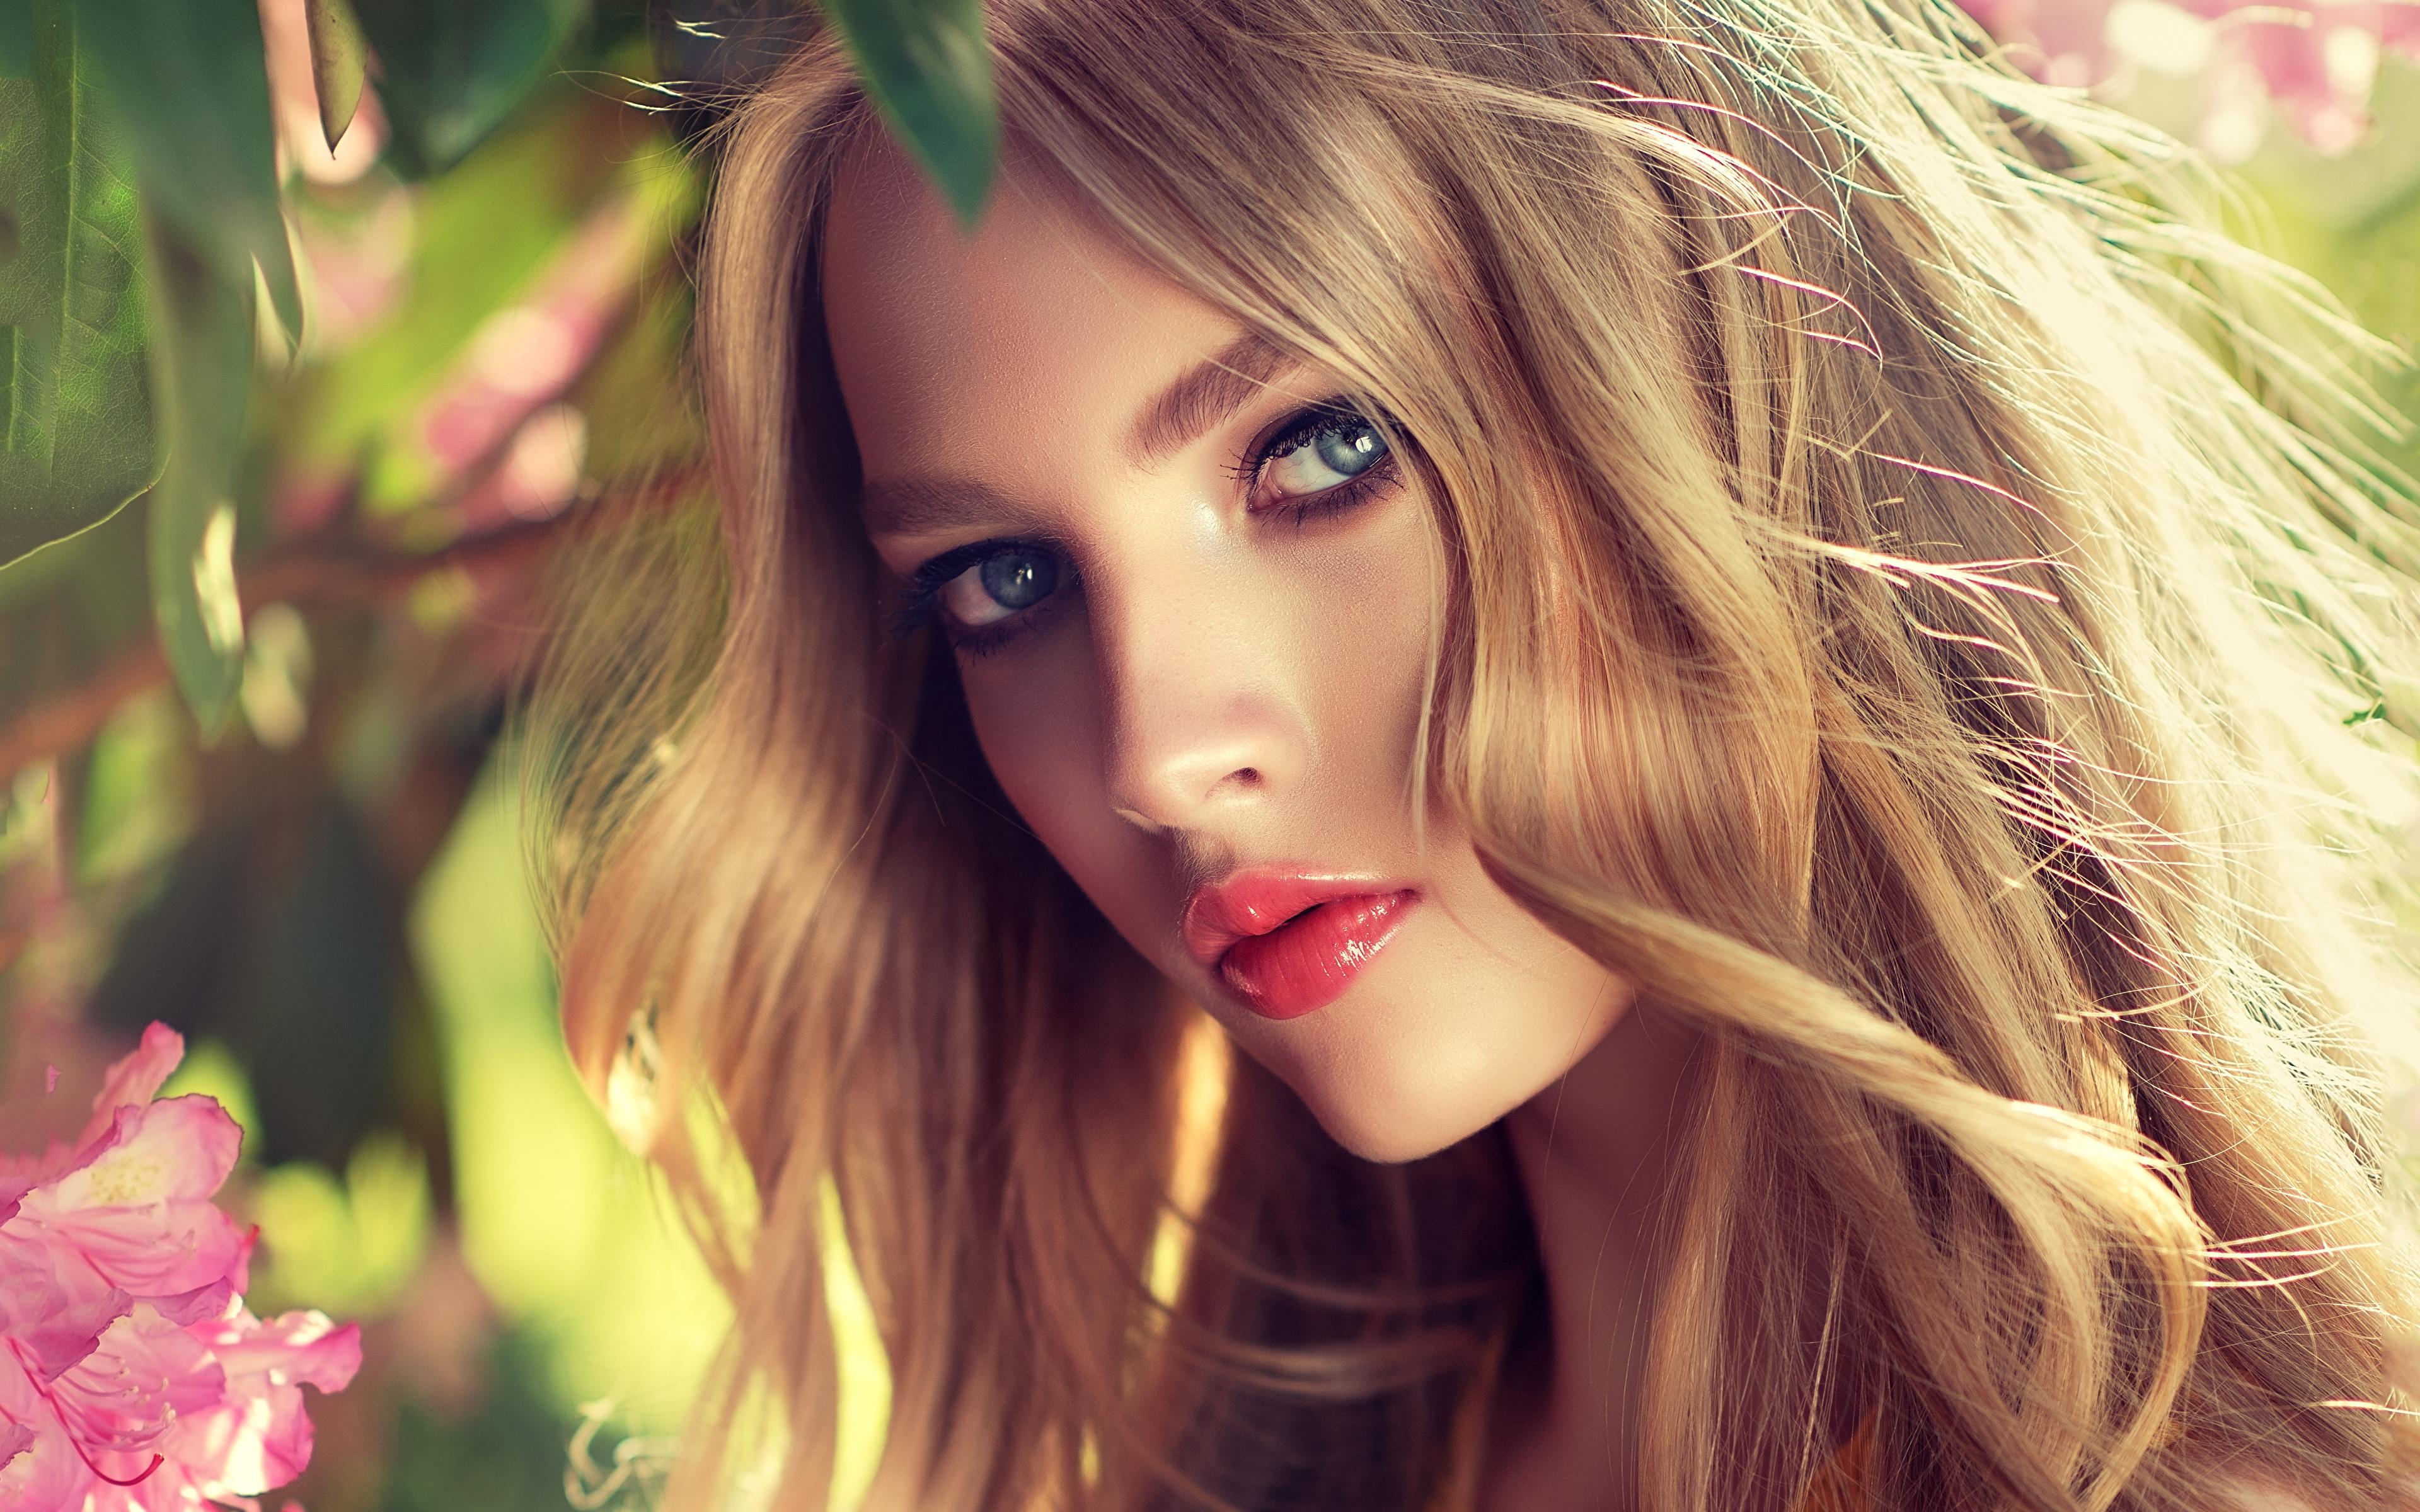 Фото Русые Блондинка Красивые Лицо Девушки смотрит 3840x2400 Взгляд